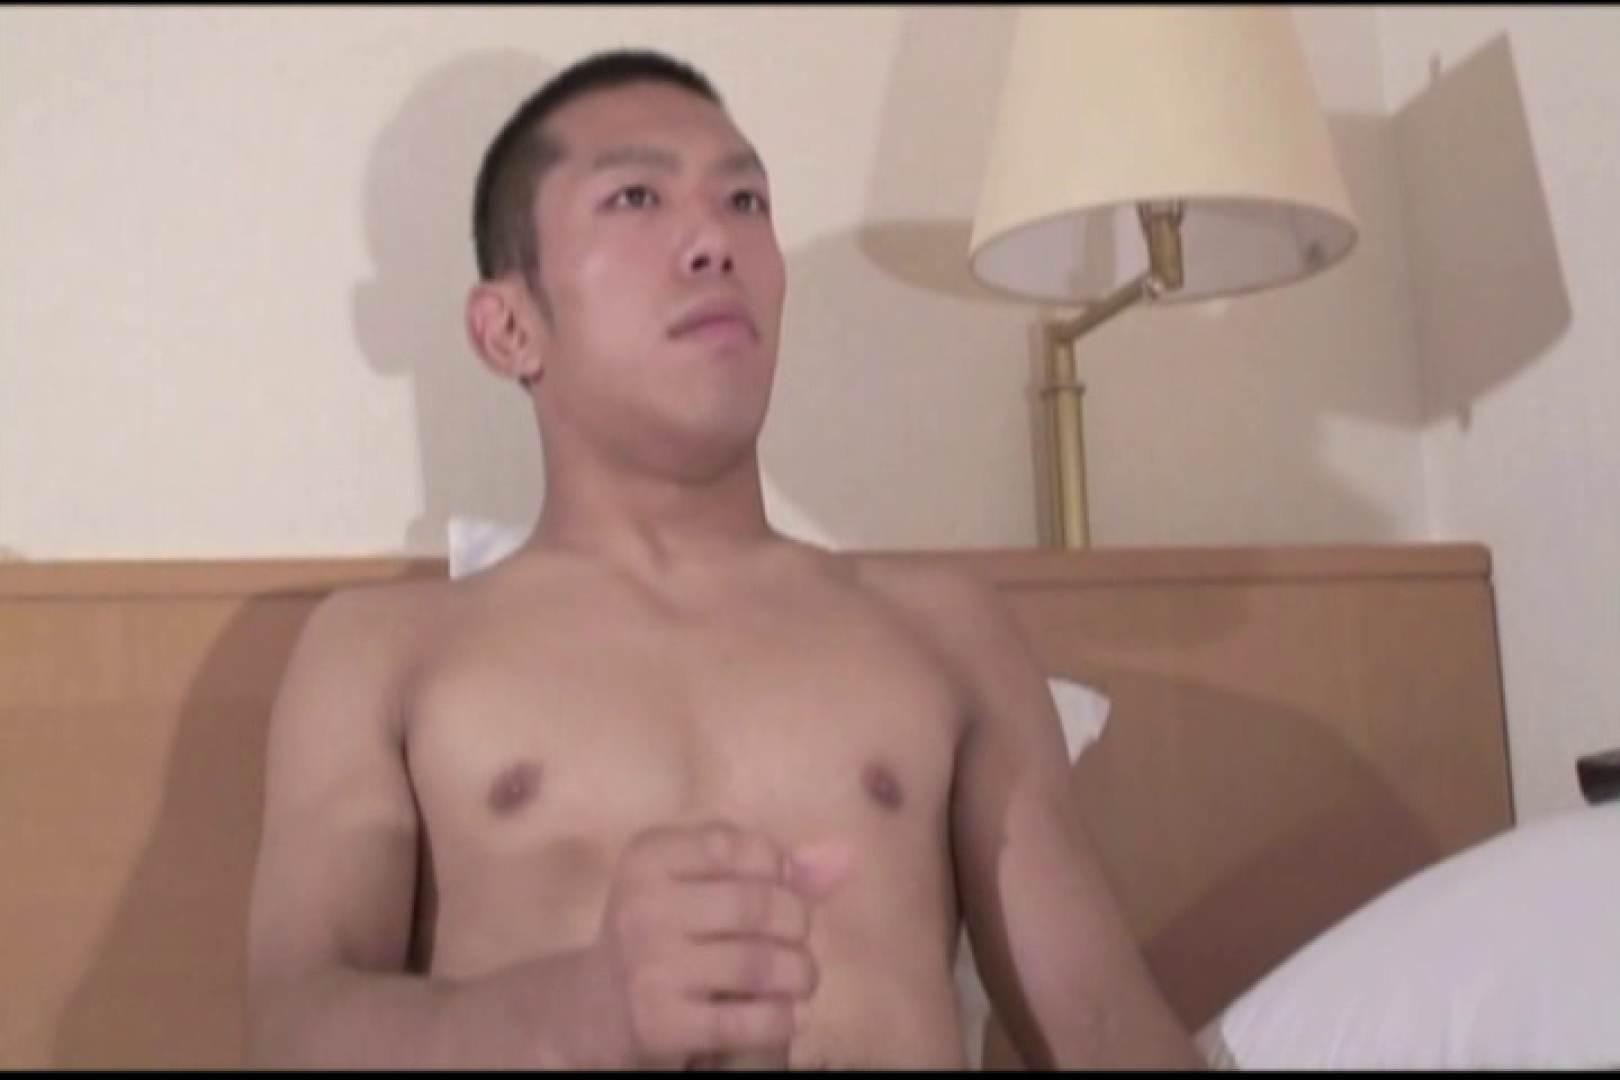 アナPさん投稿!目がパッチリなイケメンサル系男子の昇天劇。 完全無修正でお届け | イケメンのsex  107pic 58